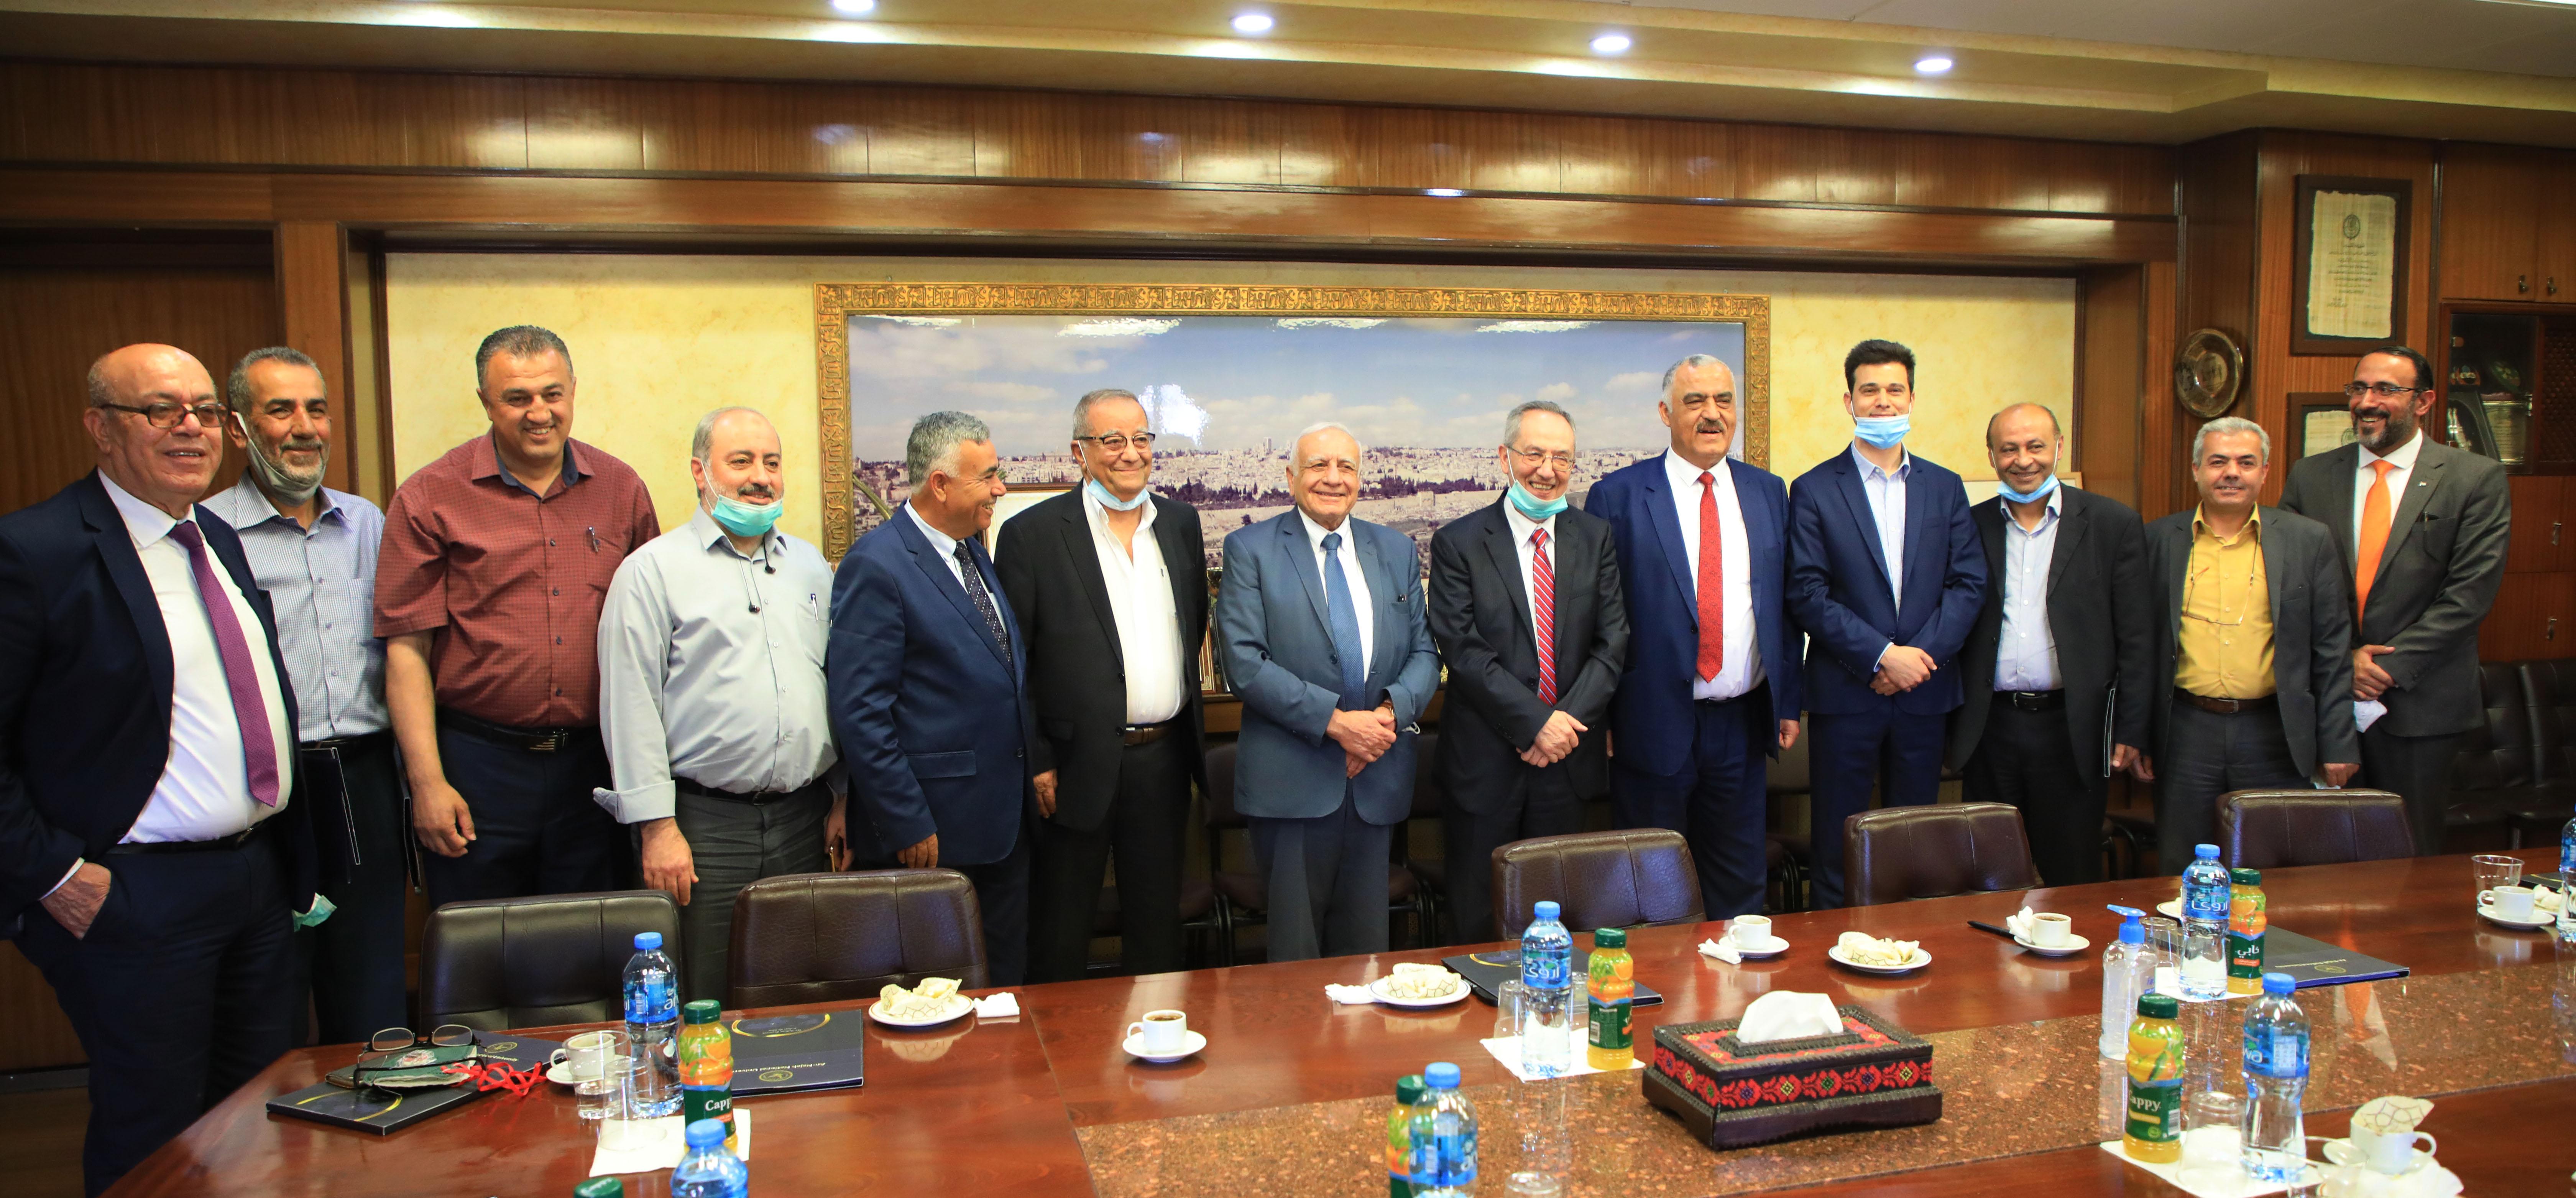 المجلس الأعلى للإبداع والتميز وجامعة النجاح الوطنية يوقعان اتفاقية تعاون